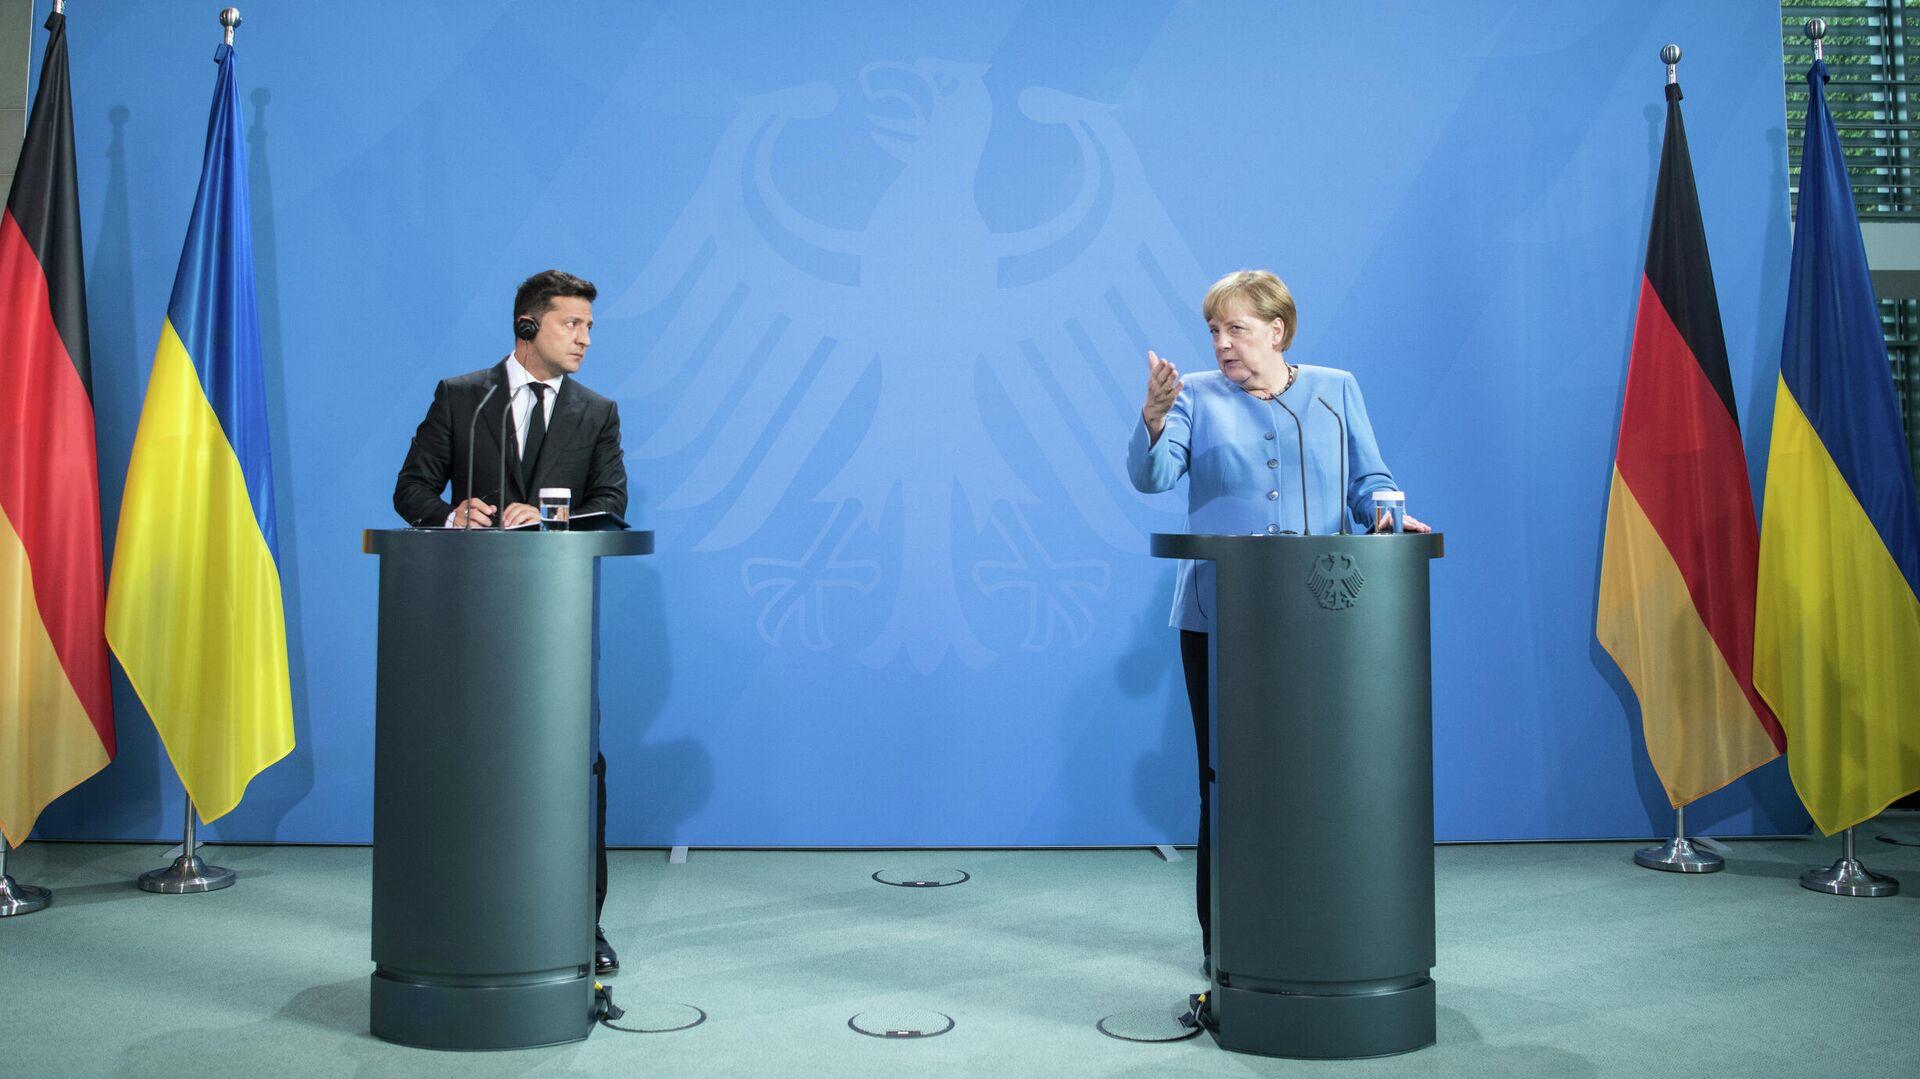 Меркель ожидает власть над Украиной. Но все зависит от Москвы